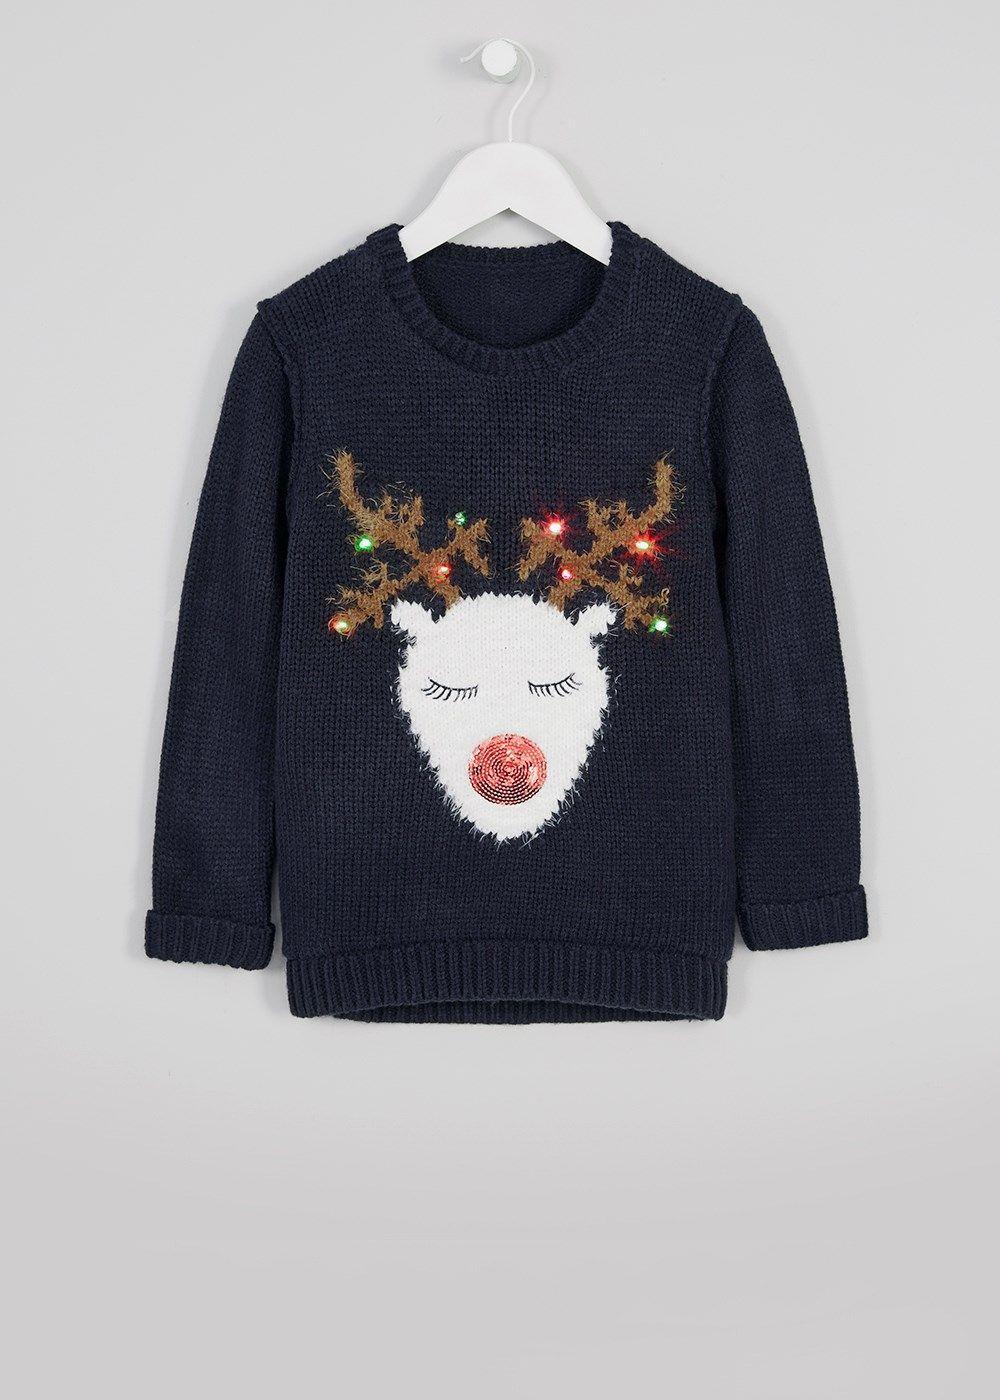 girls light up reindeer christmas jumper 3 13yrs. Black Bedroom Furniture Sets. Home Design Ideas